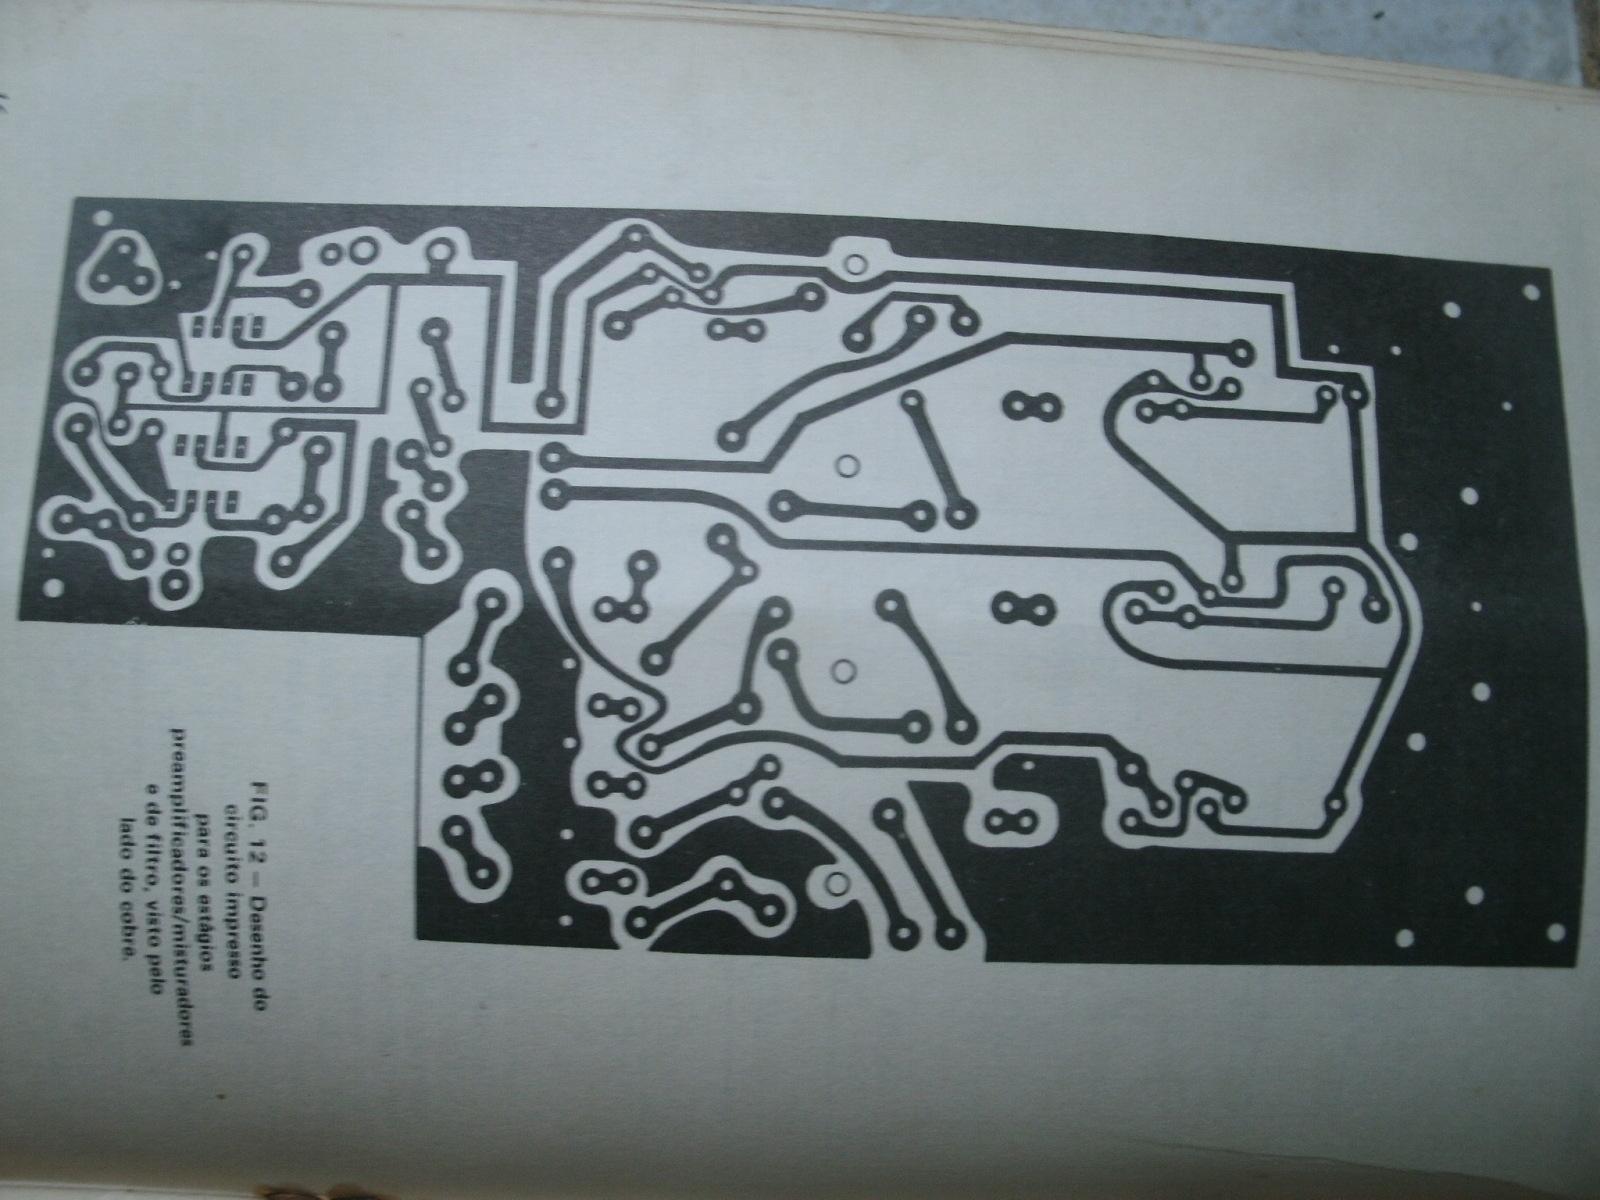 órgao eletronico com M208B1 - Página 2 5plq3r